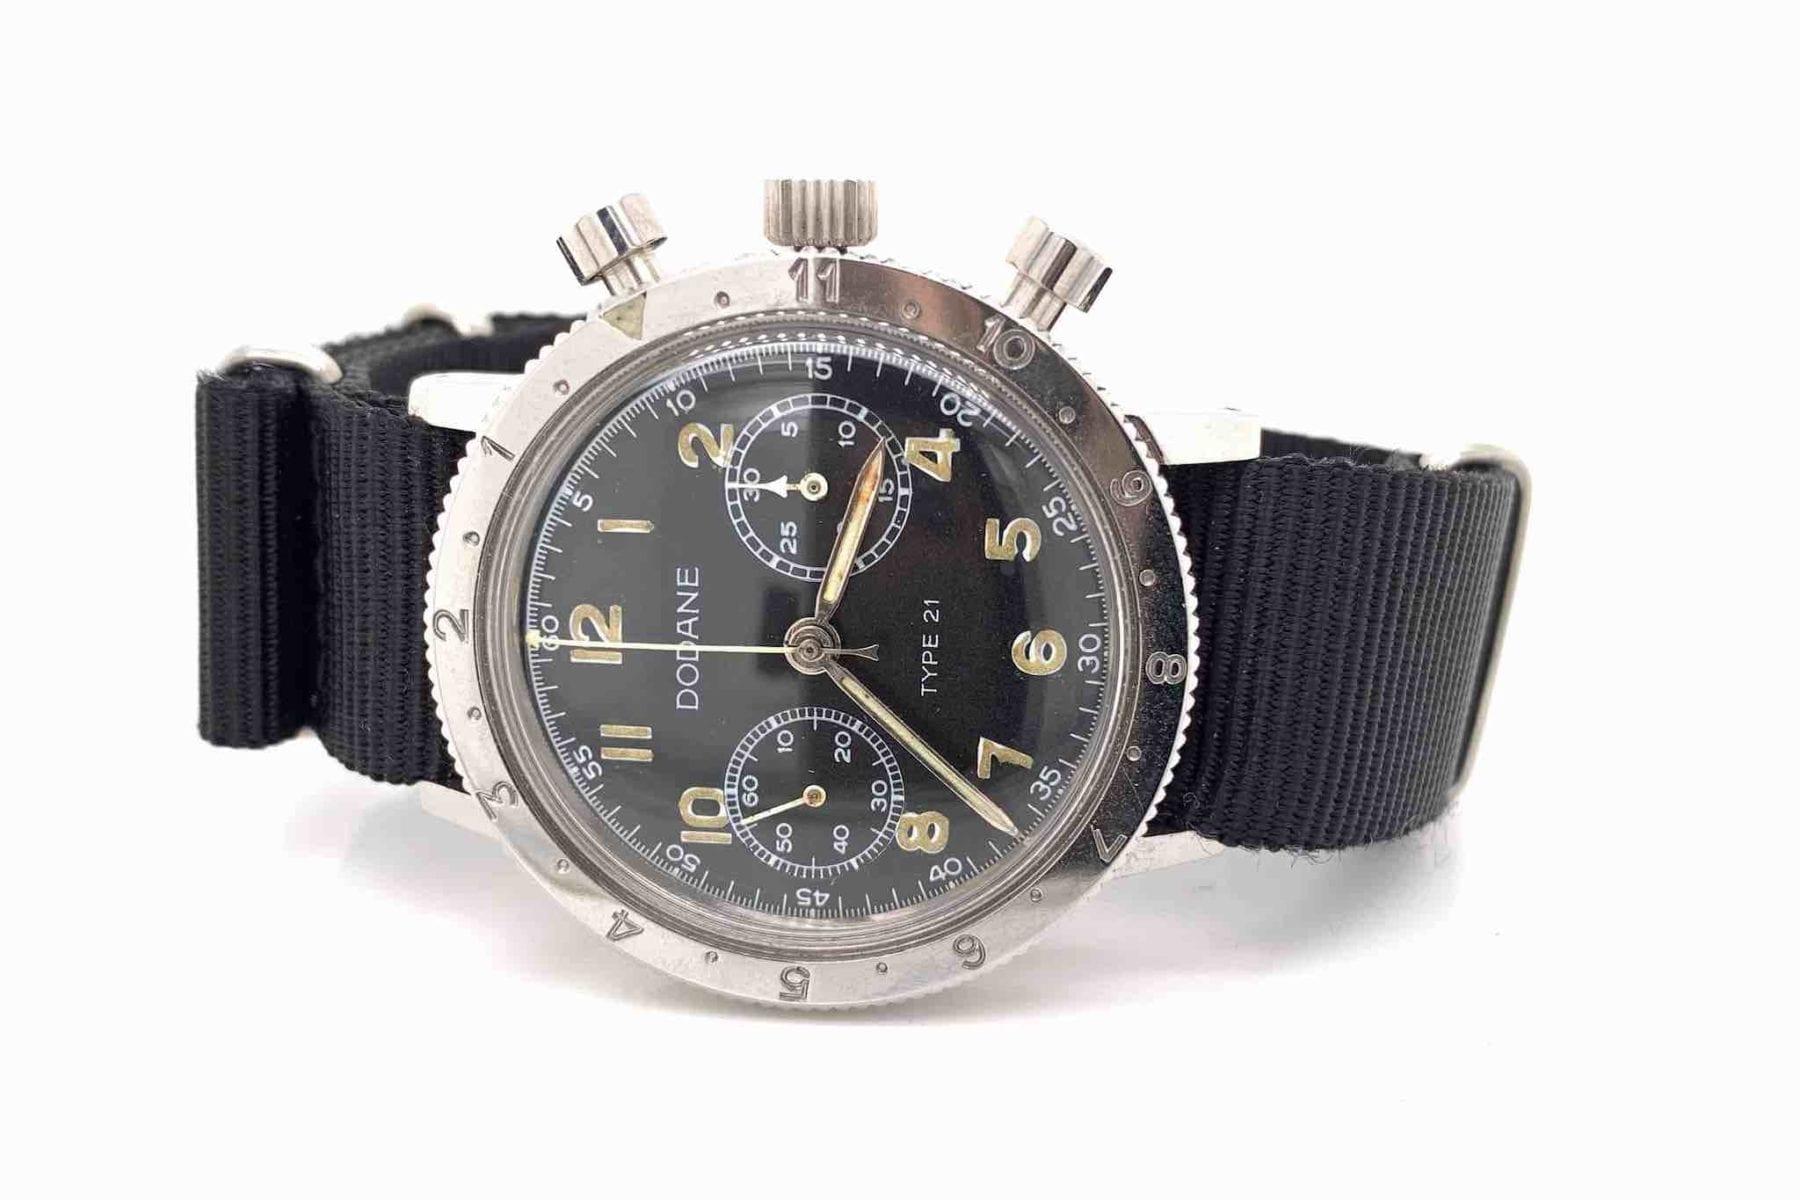 montre militaire Dodane type 21 des années 1950